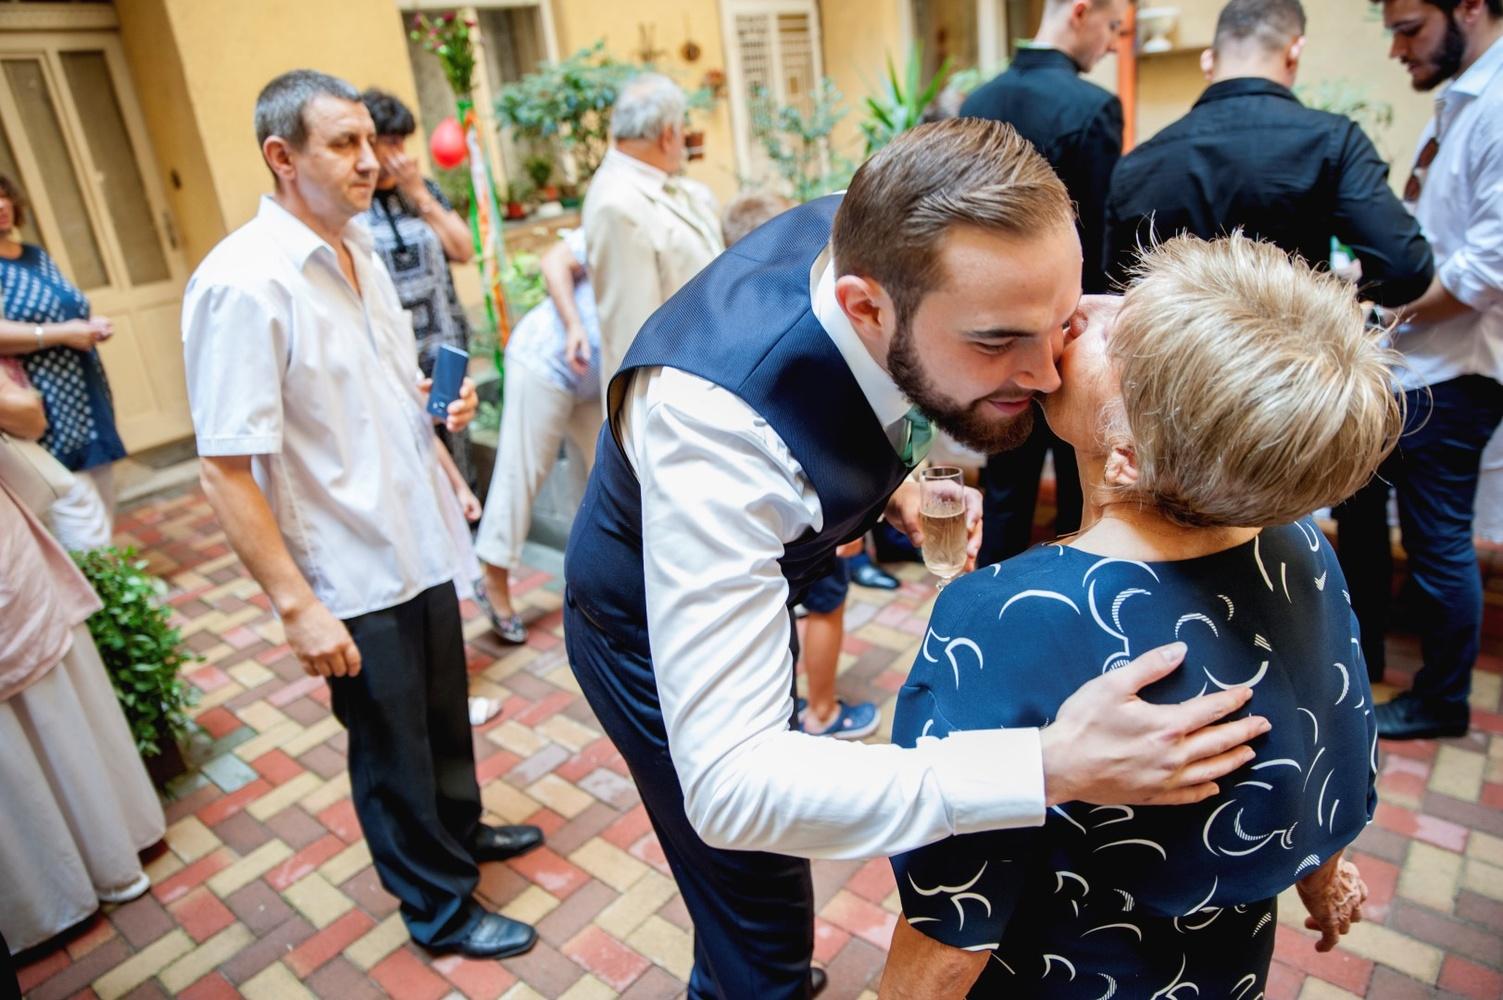 http://www.fotoz.sk/images/gallery-6/normal/eskuvo_palma-rendezvenyhaz_064.jpg